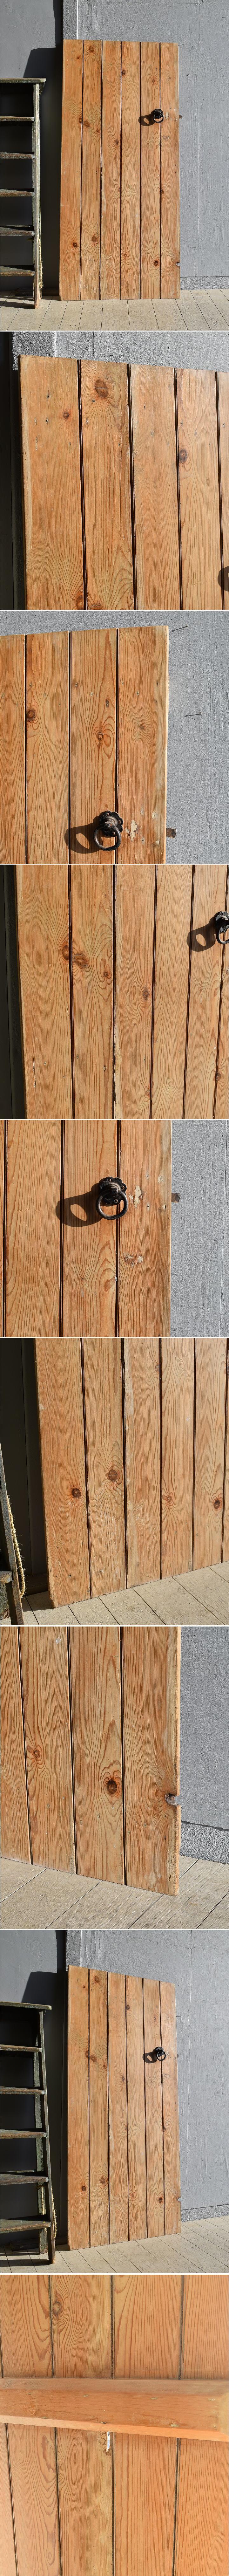 イギリス アンティーク ドア 扉 建具 7898